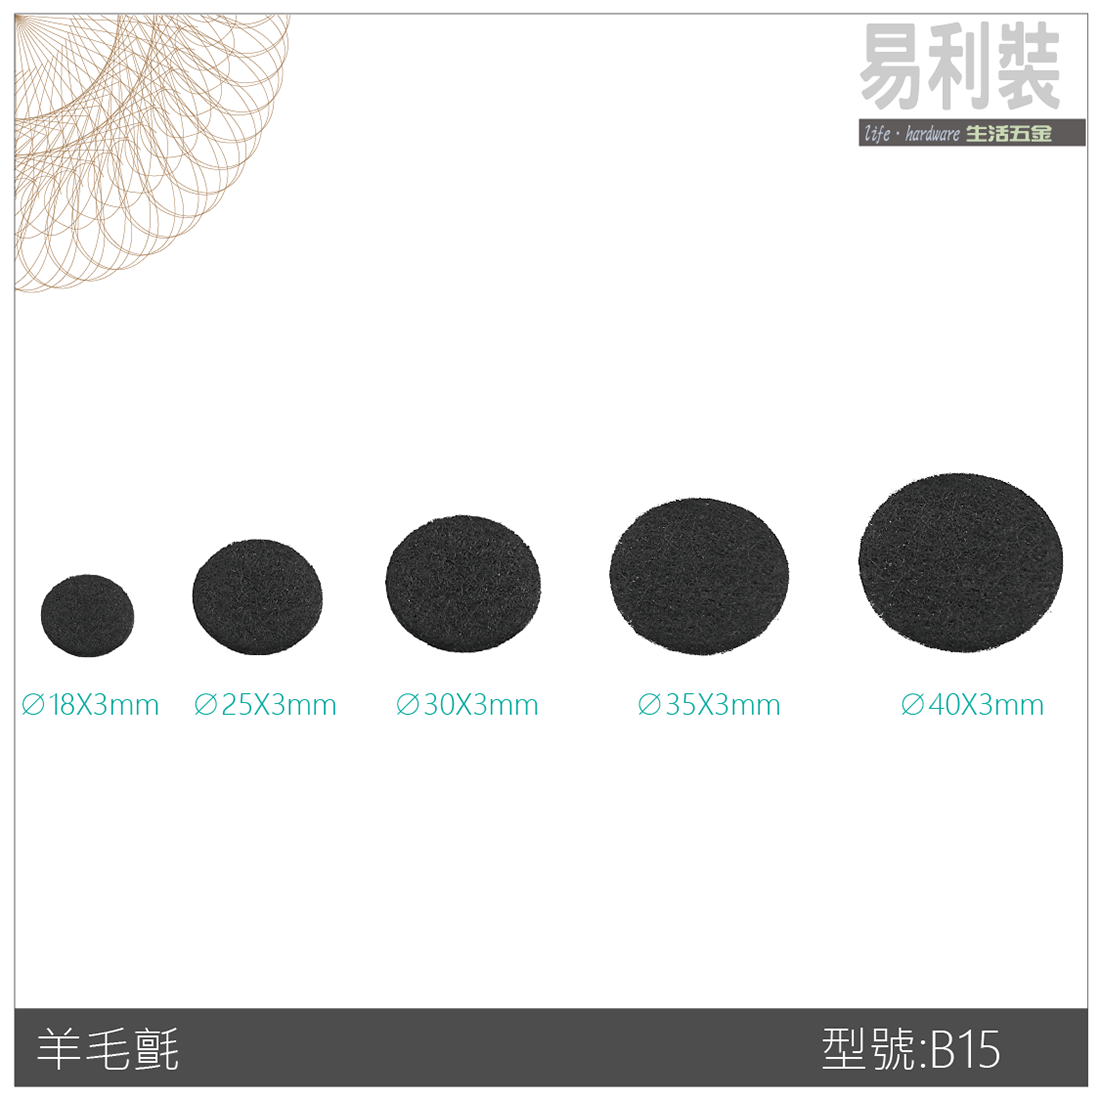 【 EASYCAN 】B15 羊毛氈 1包50片 易利裝生活五金 浴室 廚房 房間 臥房 衣櫃 小資族 辦公家具 系統家具